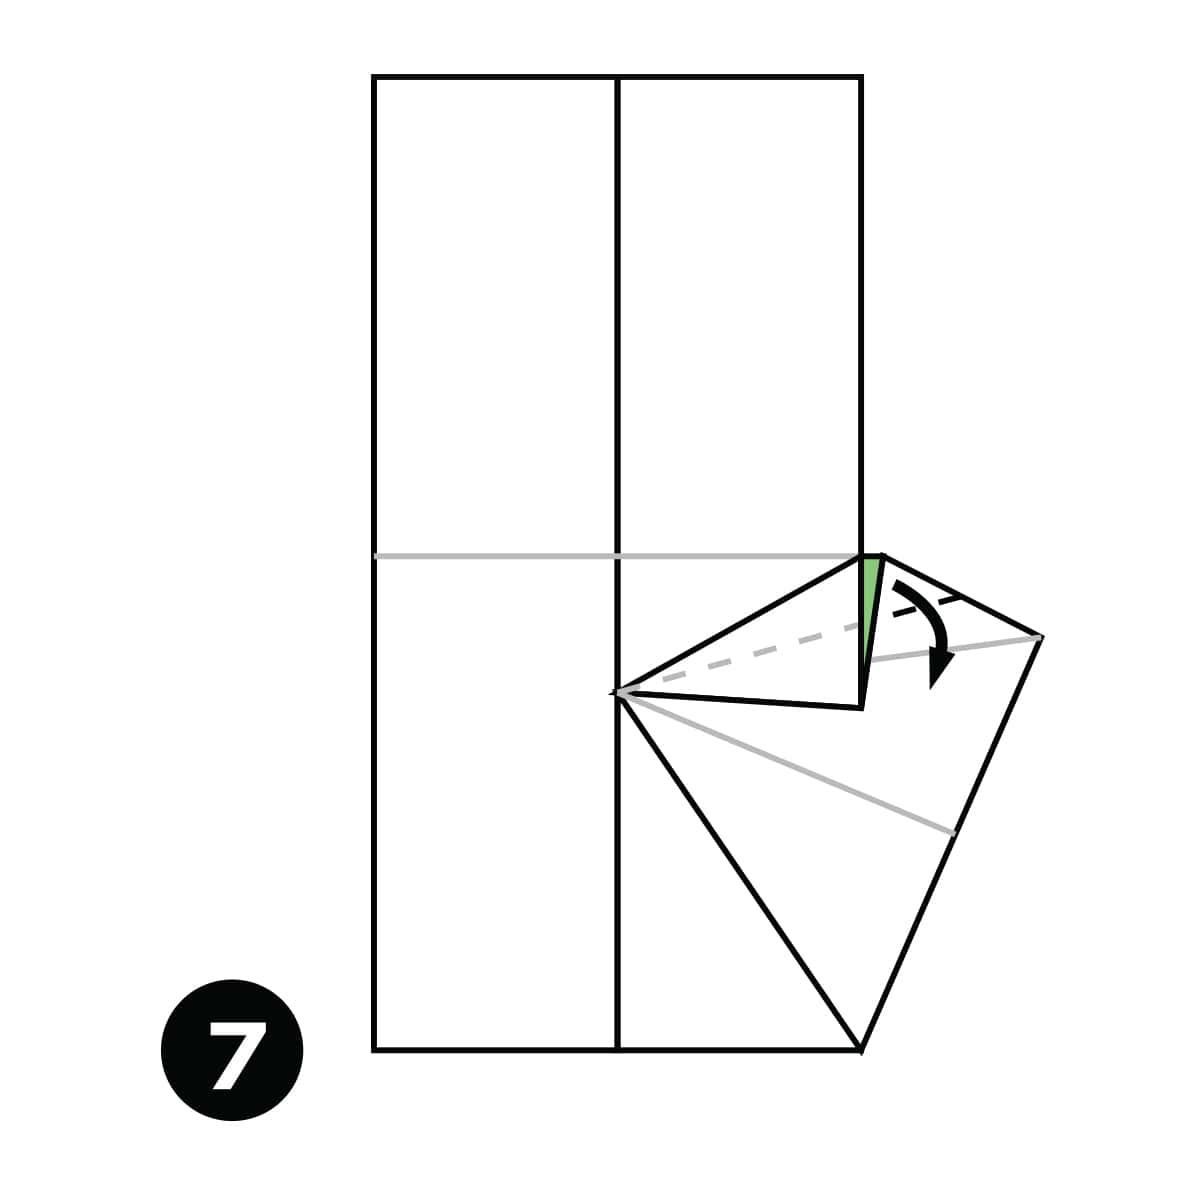 Mitten Step 7